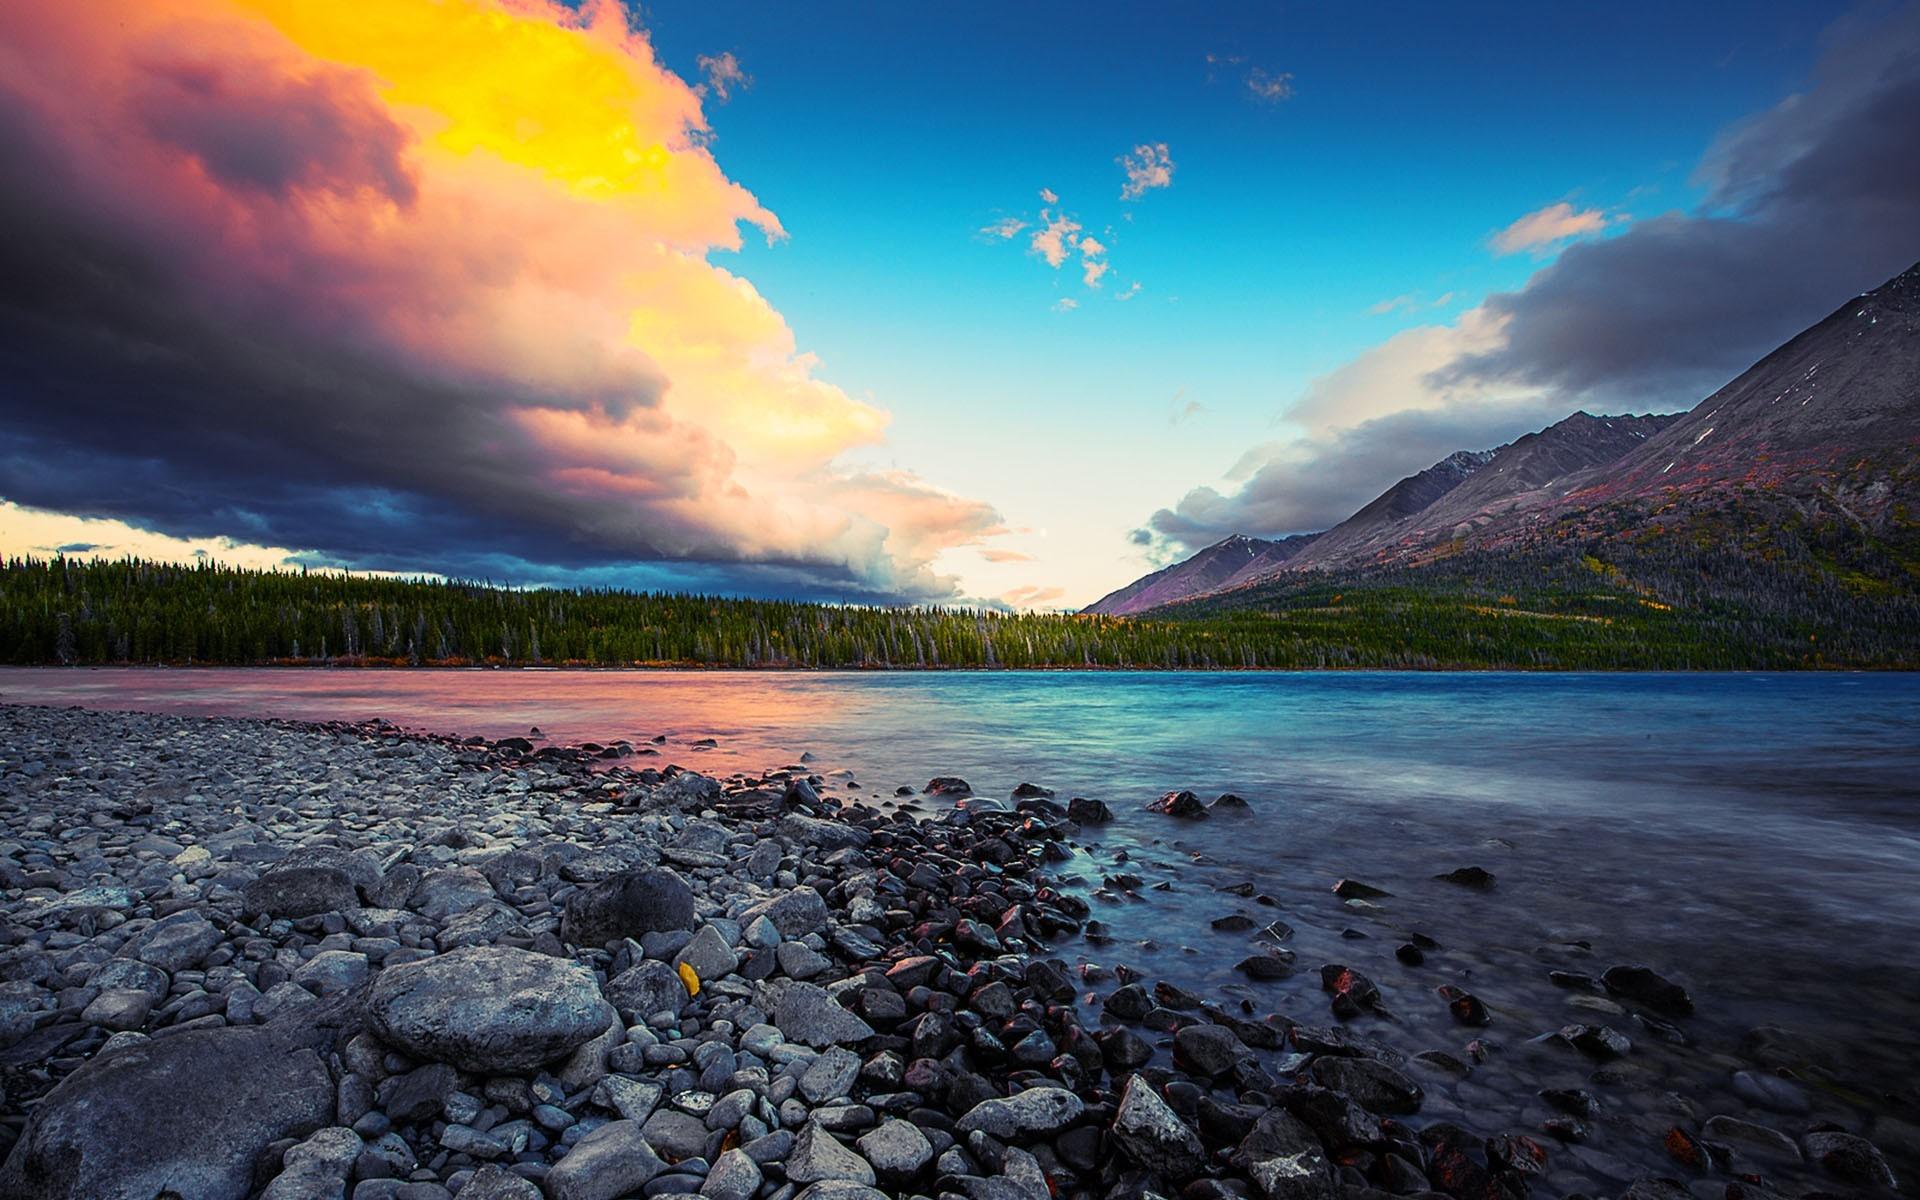 природа горы небо облака река деревья nature mountains the sky clouds river trees  № 1223838 бесплатно